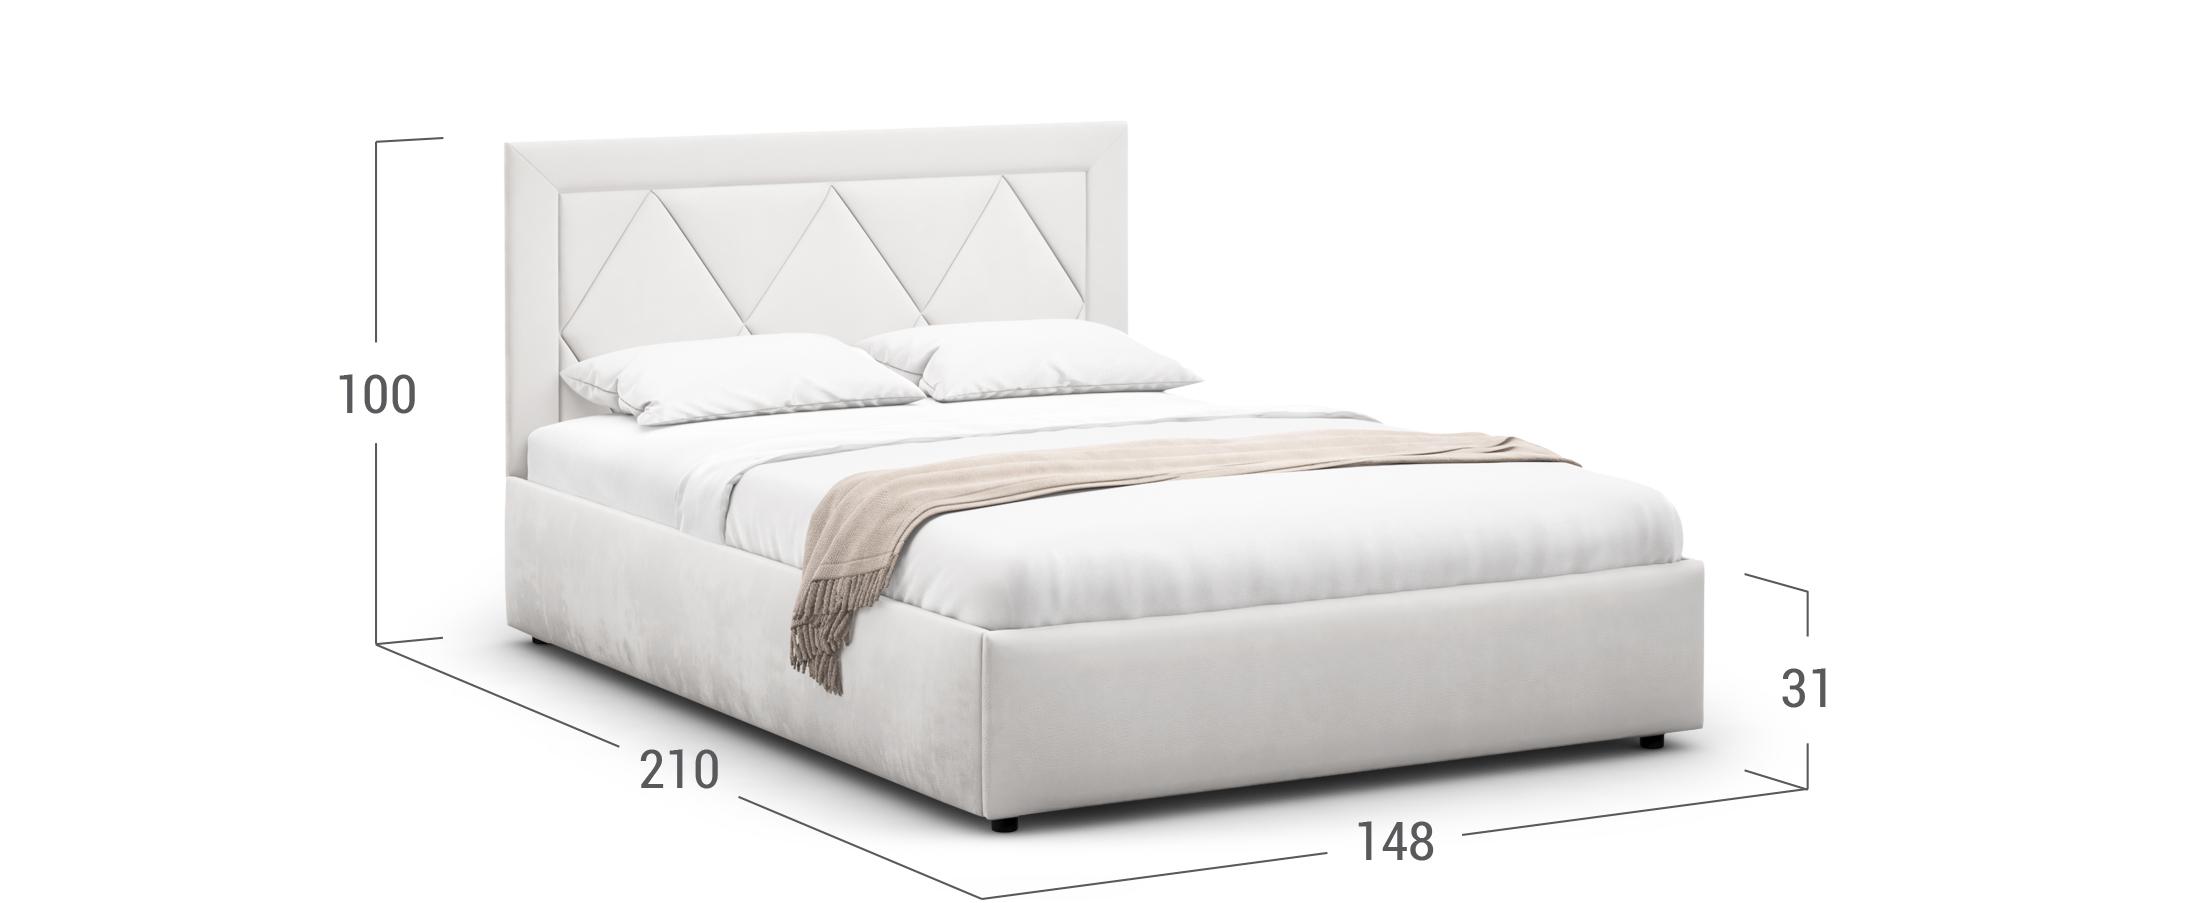 Кровать двуспальная MOON FAMILY 1223 140х200